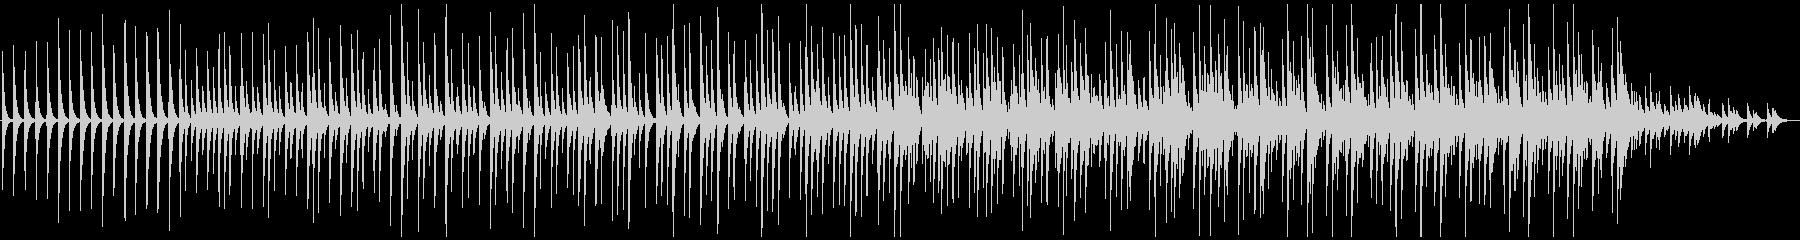 木琴5音階チャイム豪華版、ミニマルの未再生の波形